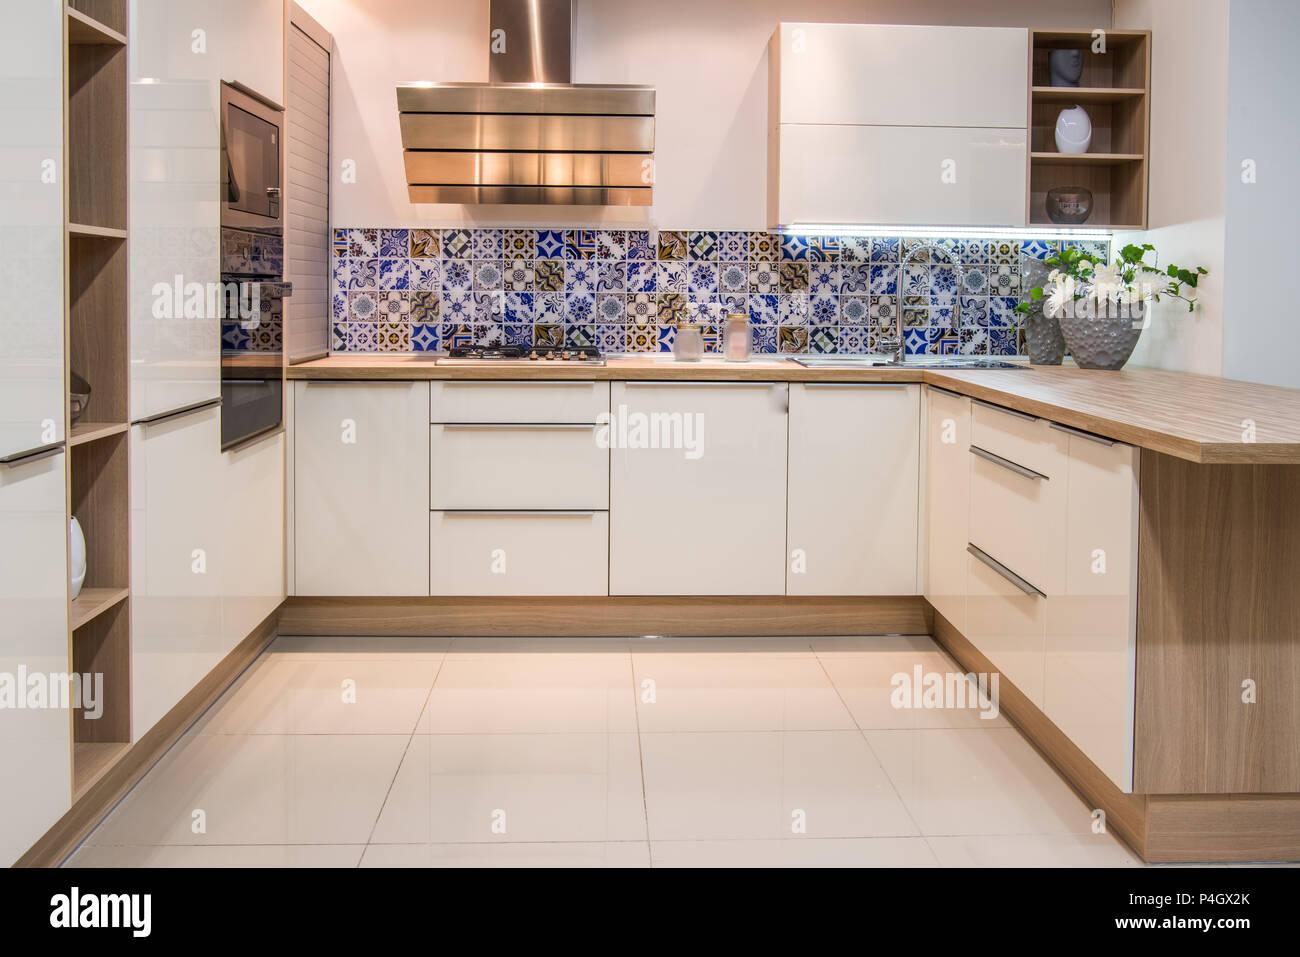 Gemütliche, Moderne Küche Interieur Mit Möbeln In Hellen Tönen